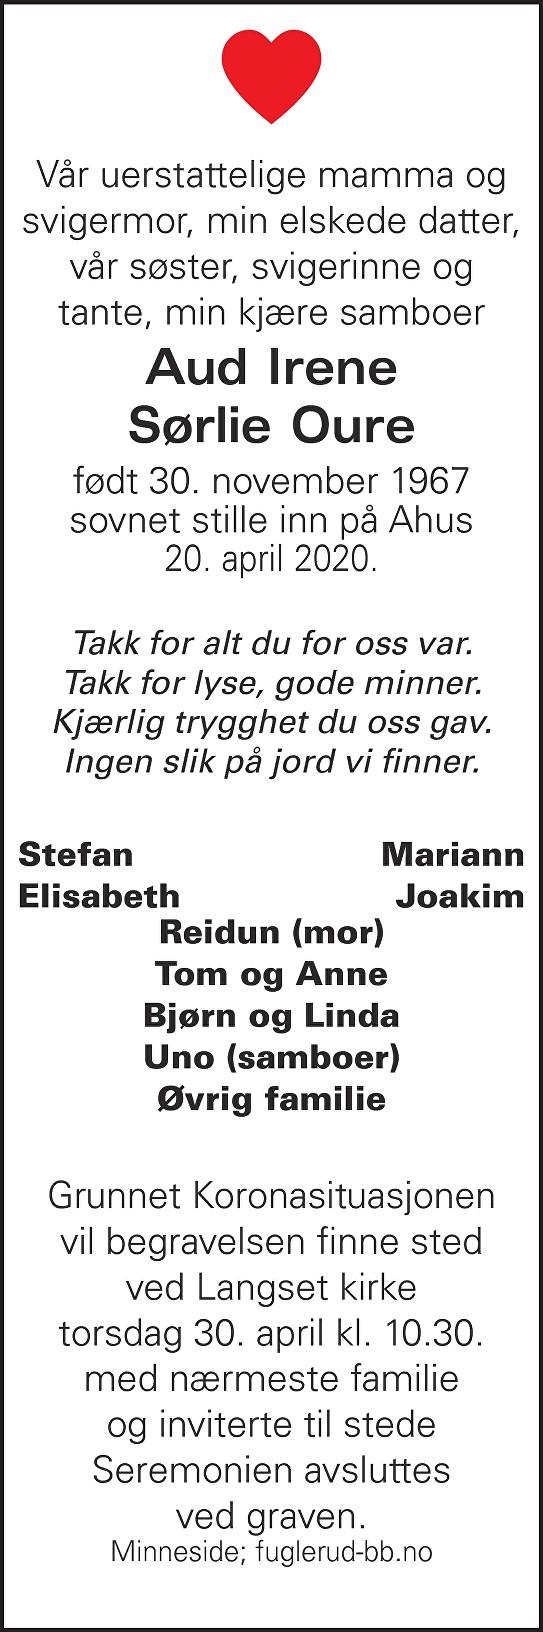 Aud Irene Sørlie Oure Dødsannonse